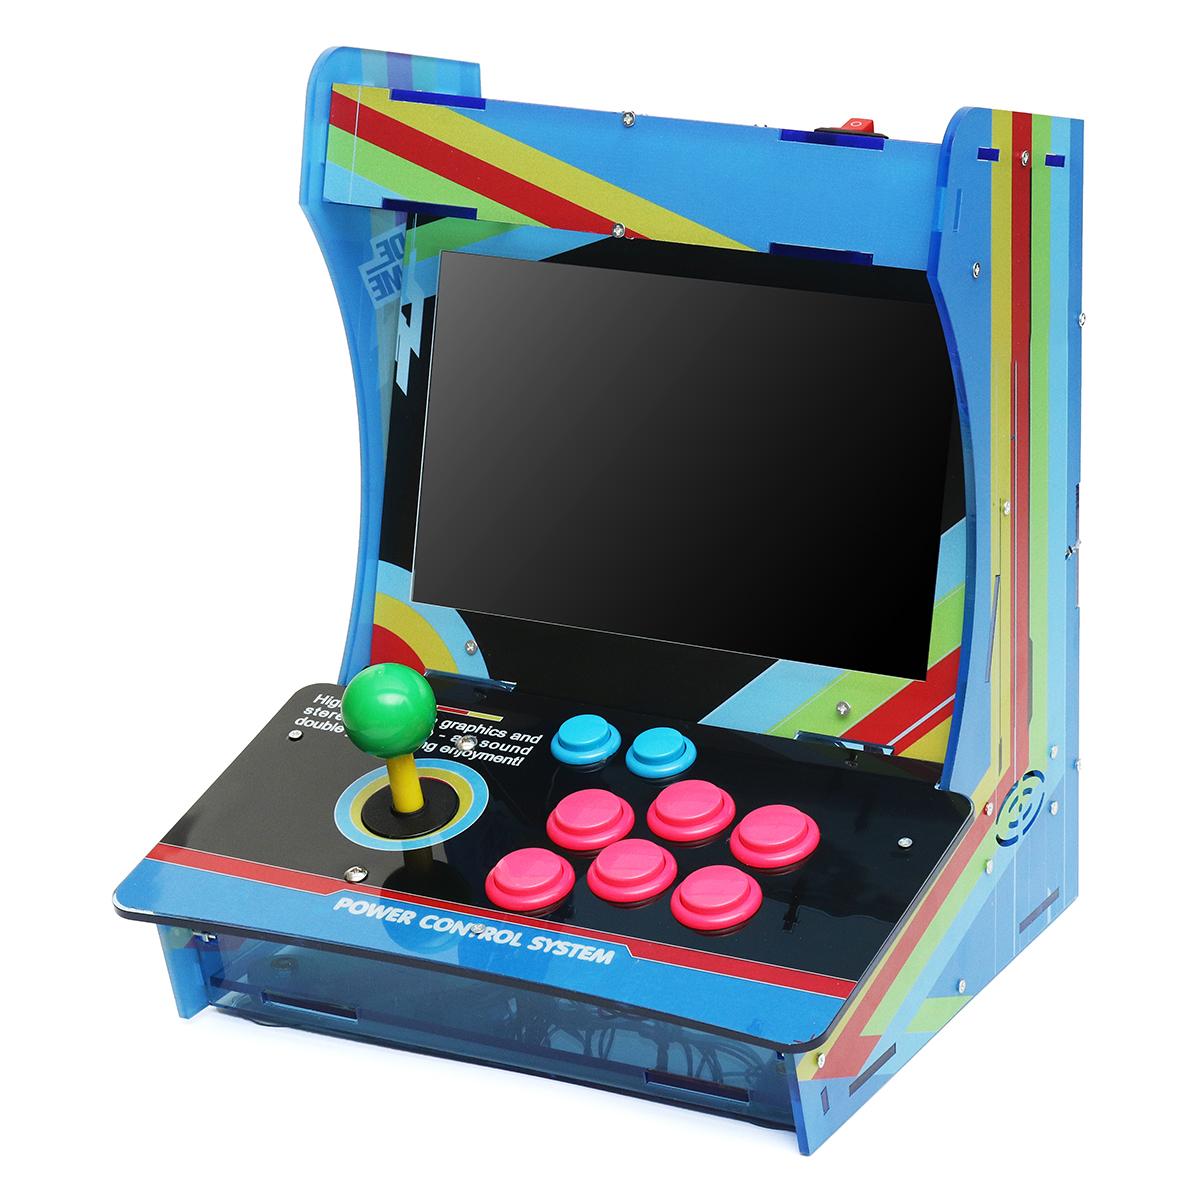 PandoraBox 5S 1299 в 1 игровой консоли с джойстиком для одного игрока с экраном Дисплей